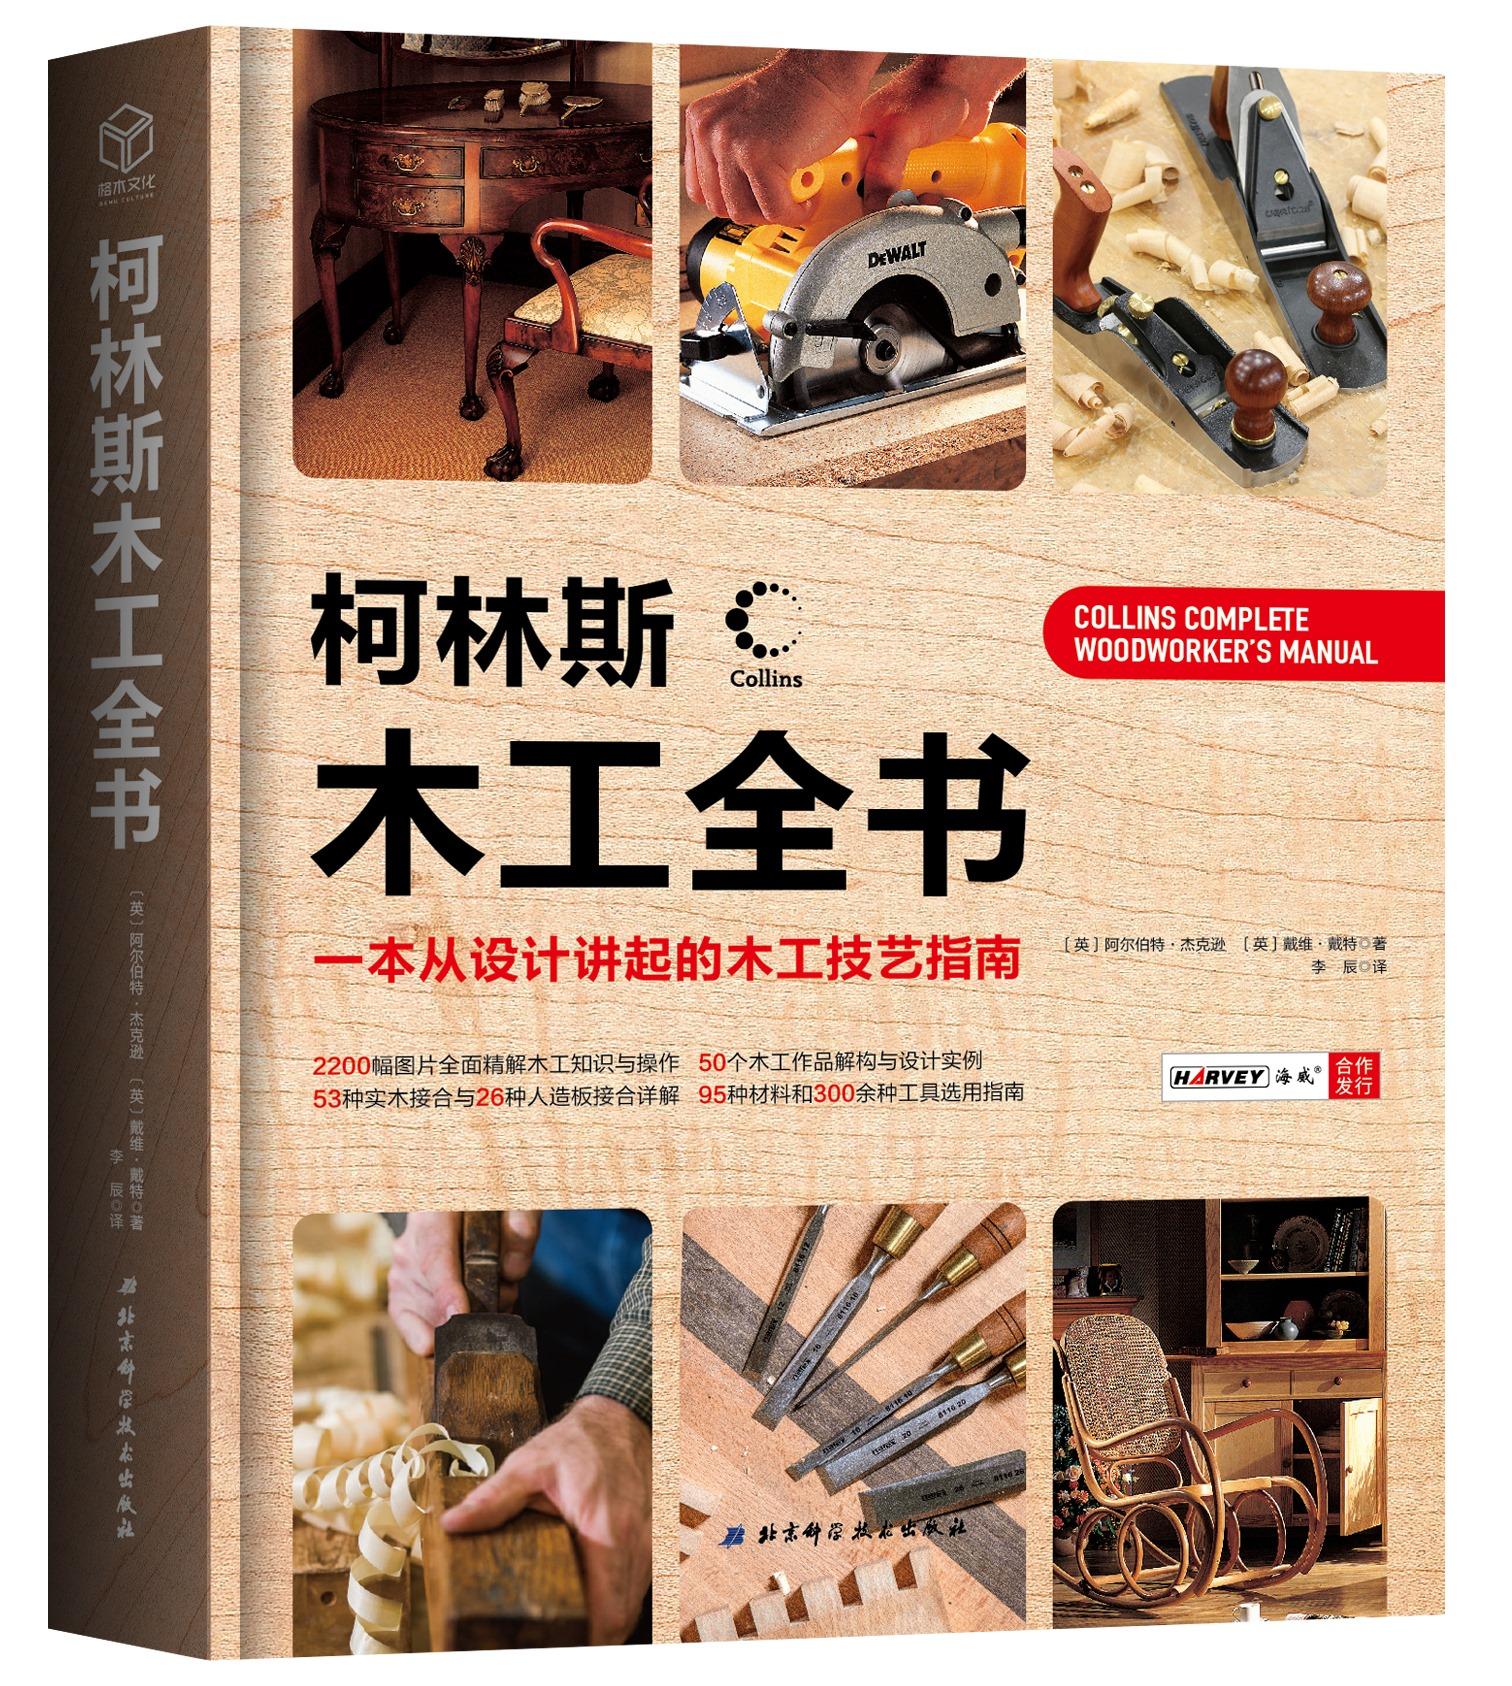 柯林斯木工全书:一本从设计讲起的木工技艺指南